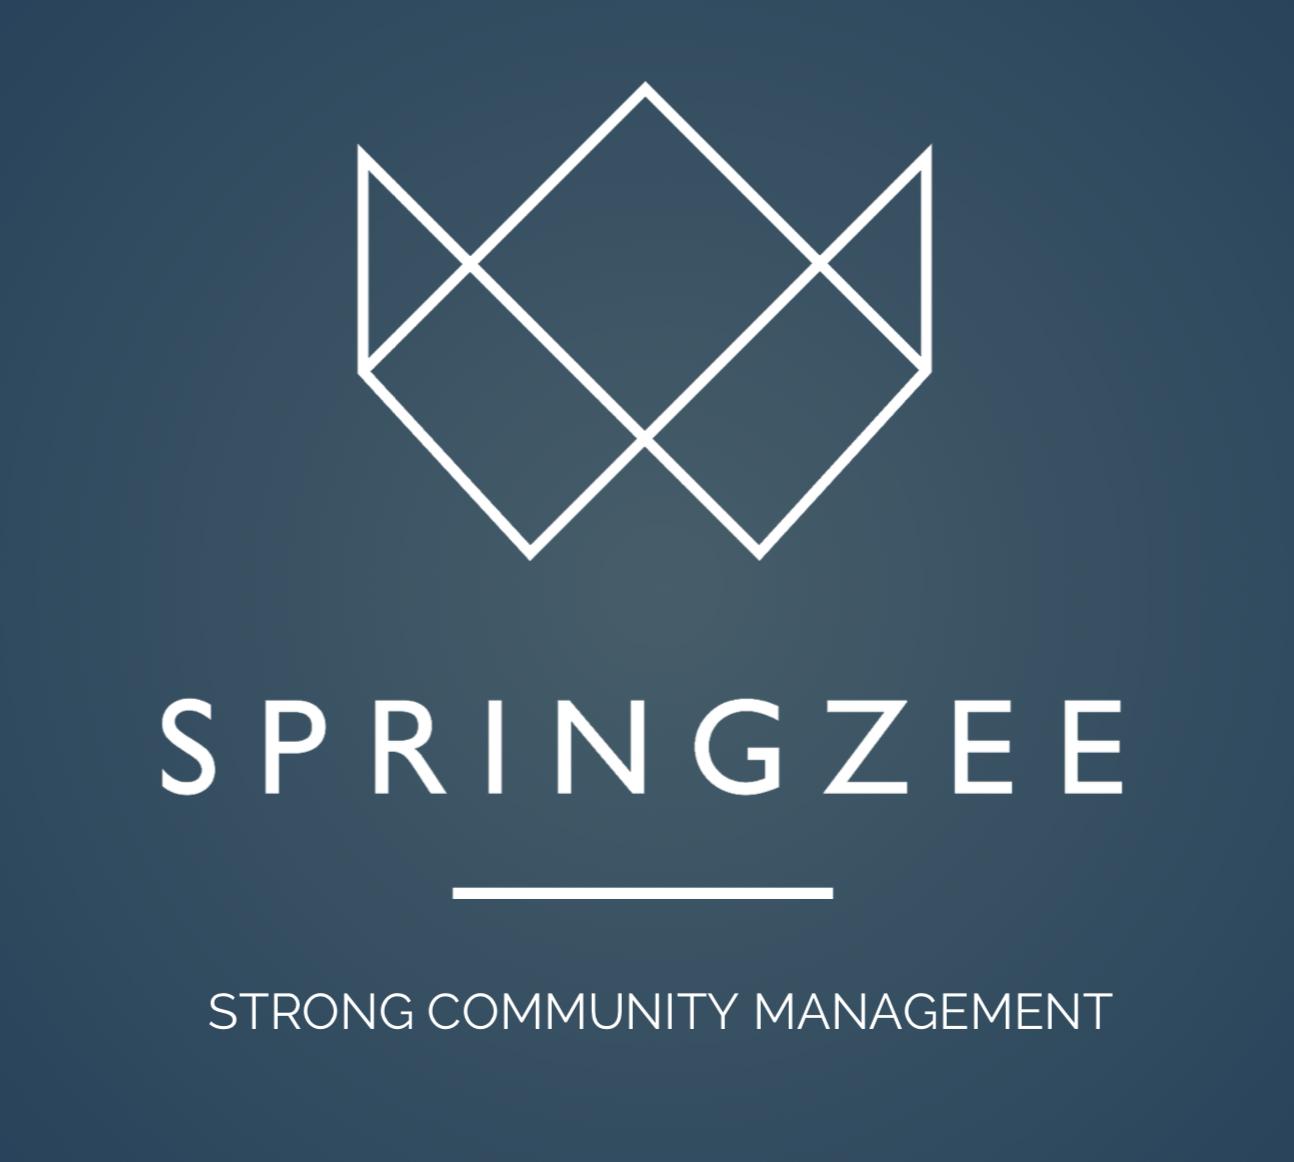 SpringZee